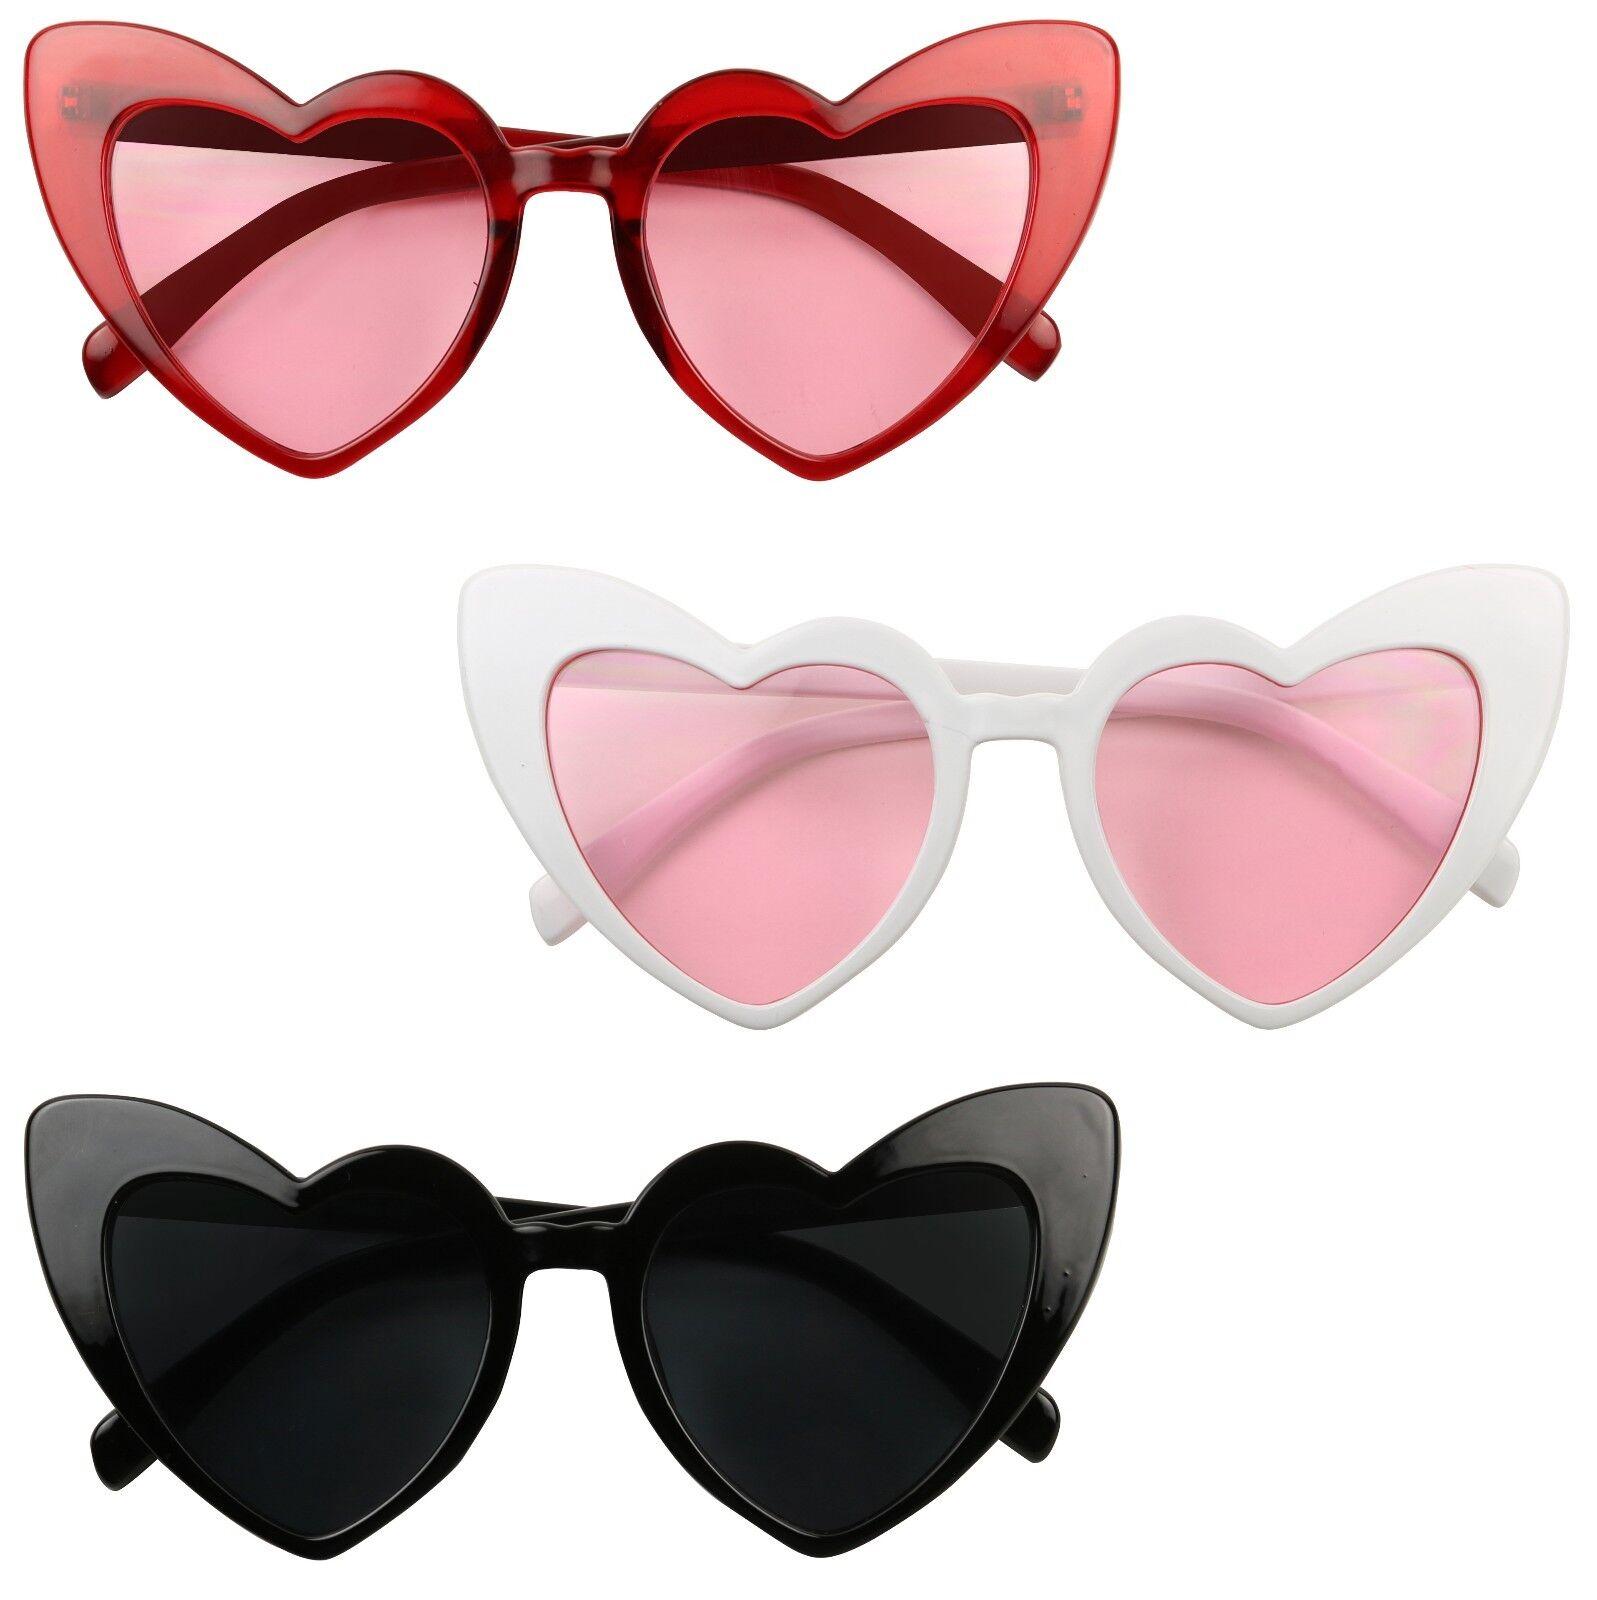 ShadyVEU XL Large Heart Shaped Oversized Mod Chic Celebrity Fashion Sunglasses